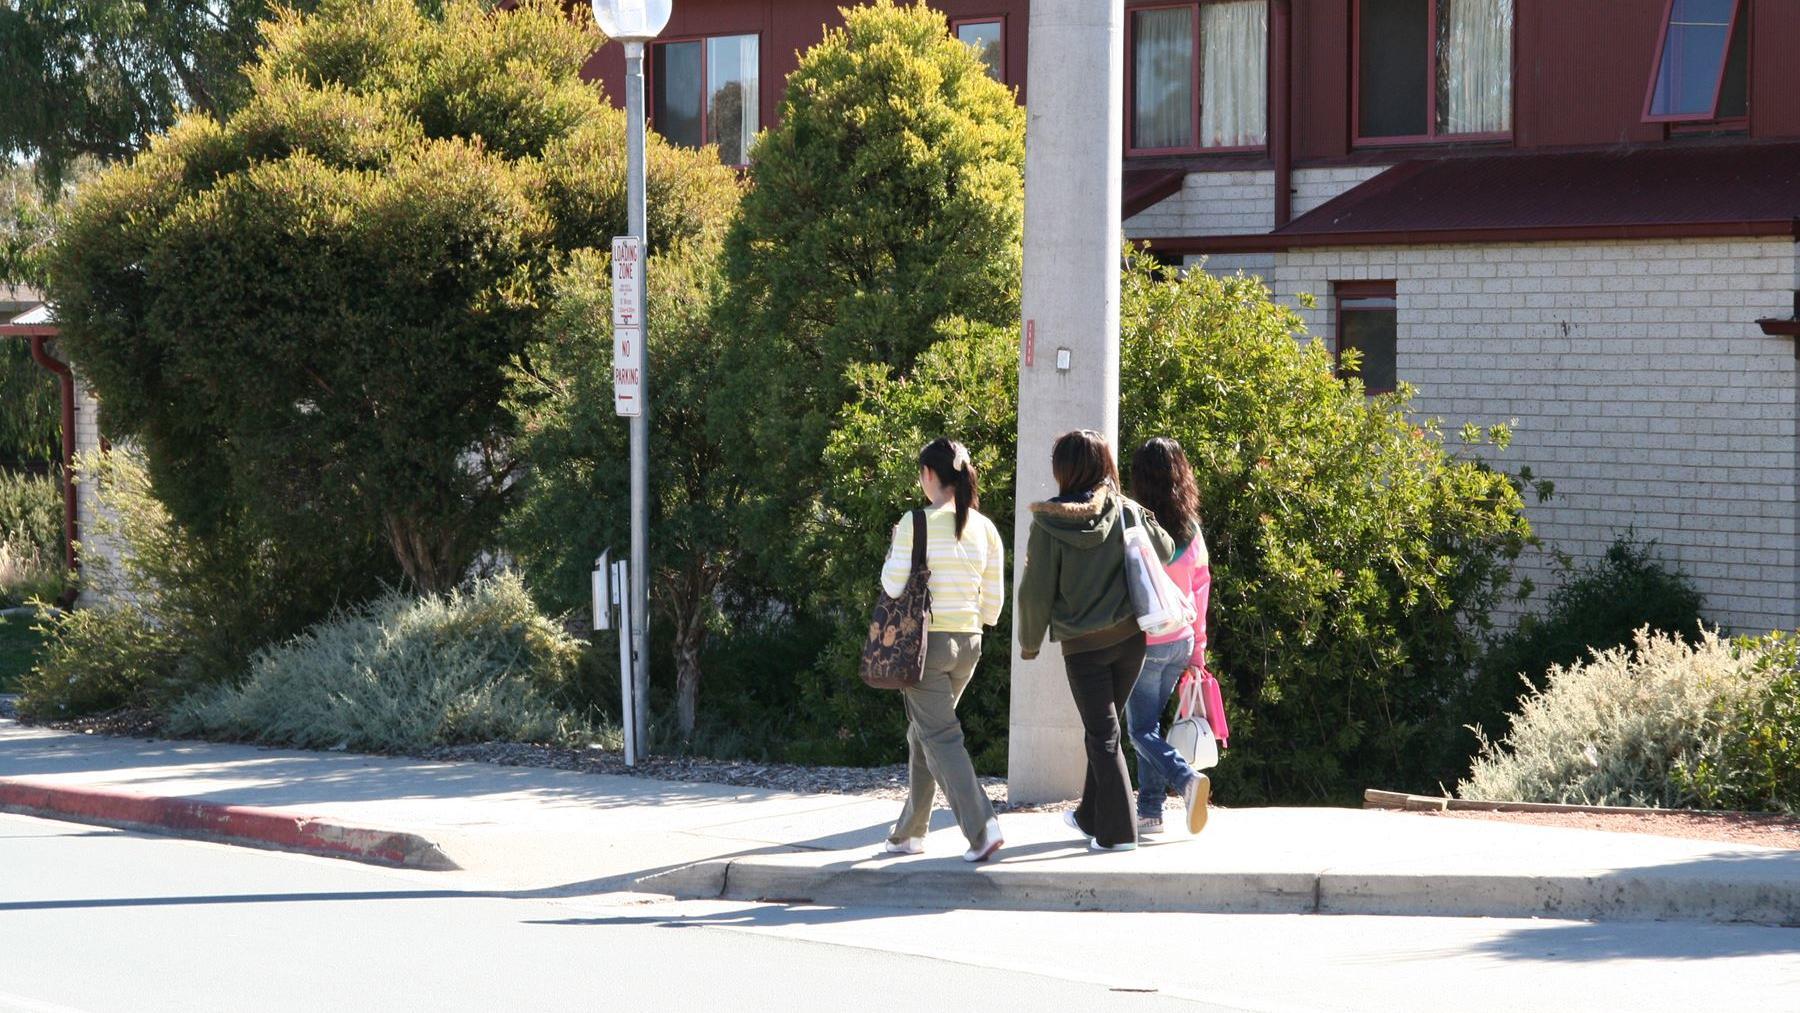 UniLodge @ UC - Campus West